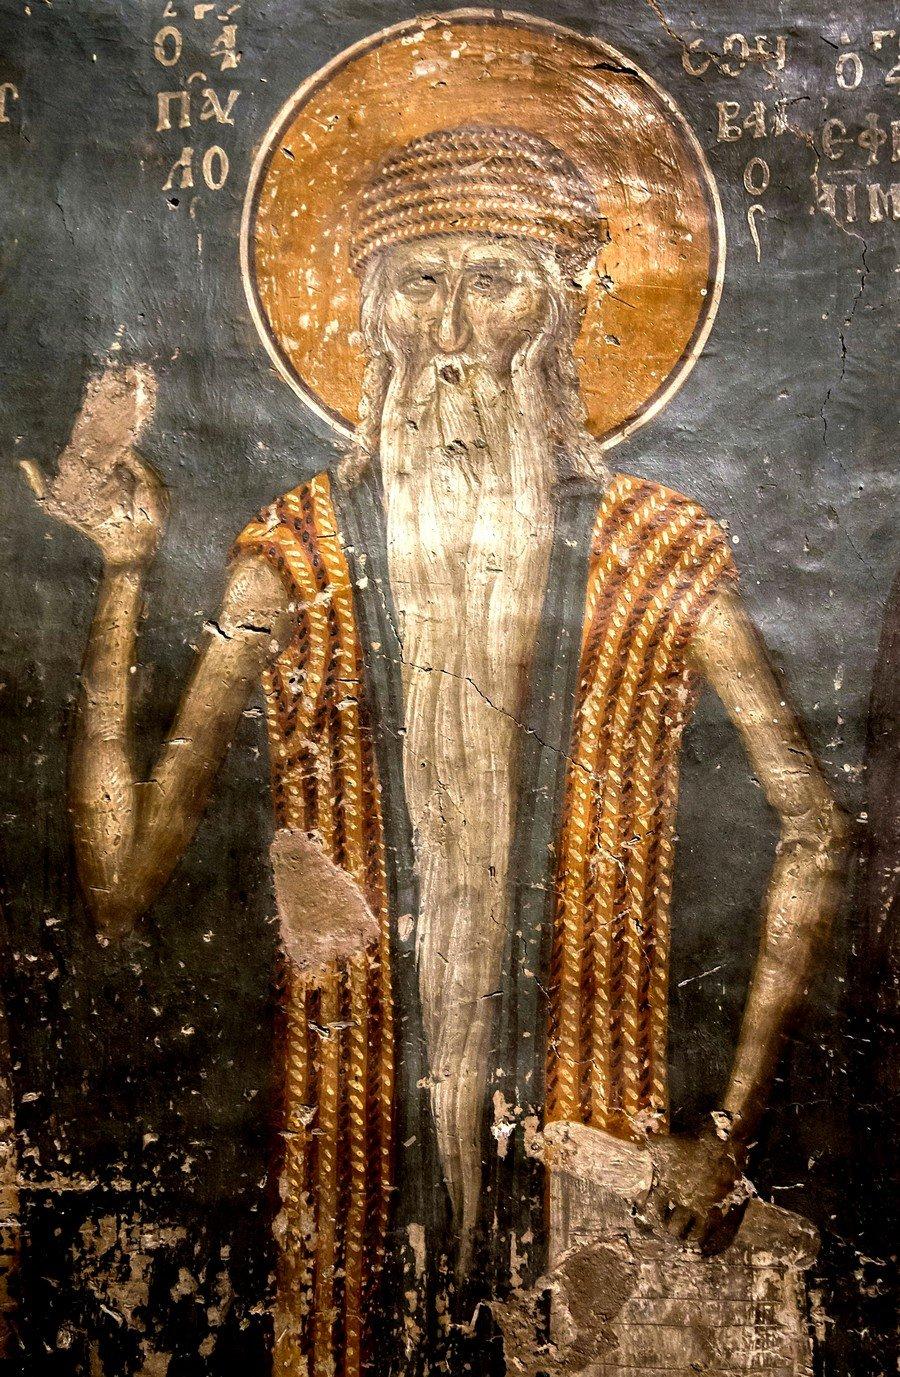 Святой Преподобный Павел Фивейский. Фреска церкви Святого Николая Орфаноса в Салониках, Греция. 1310 - 1315 годы.